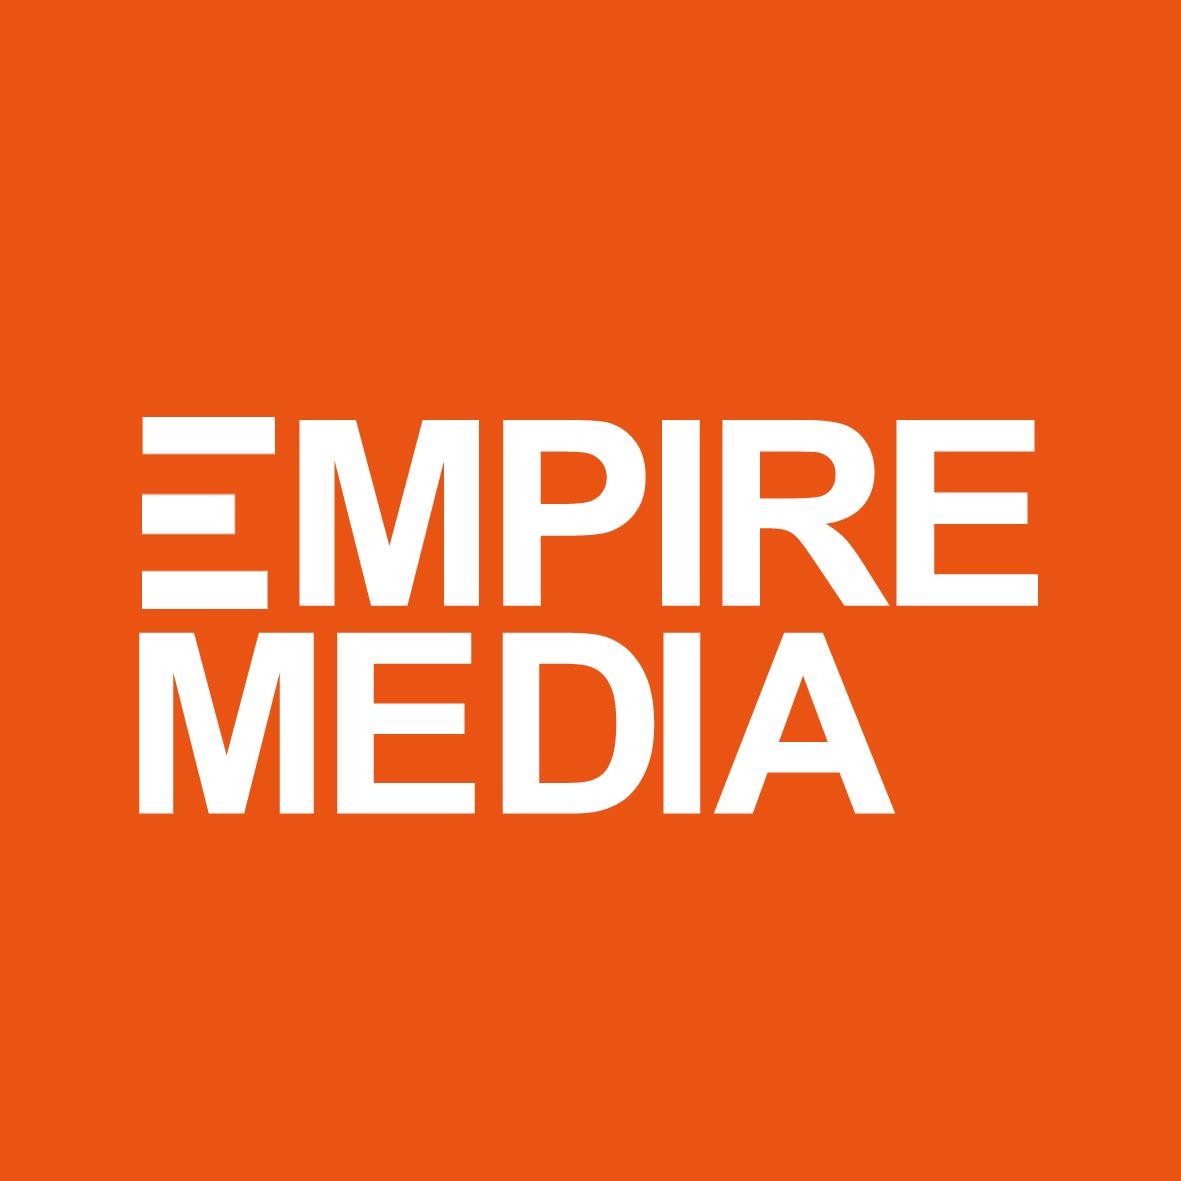 Empire+Media+logo